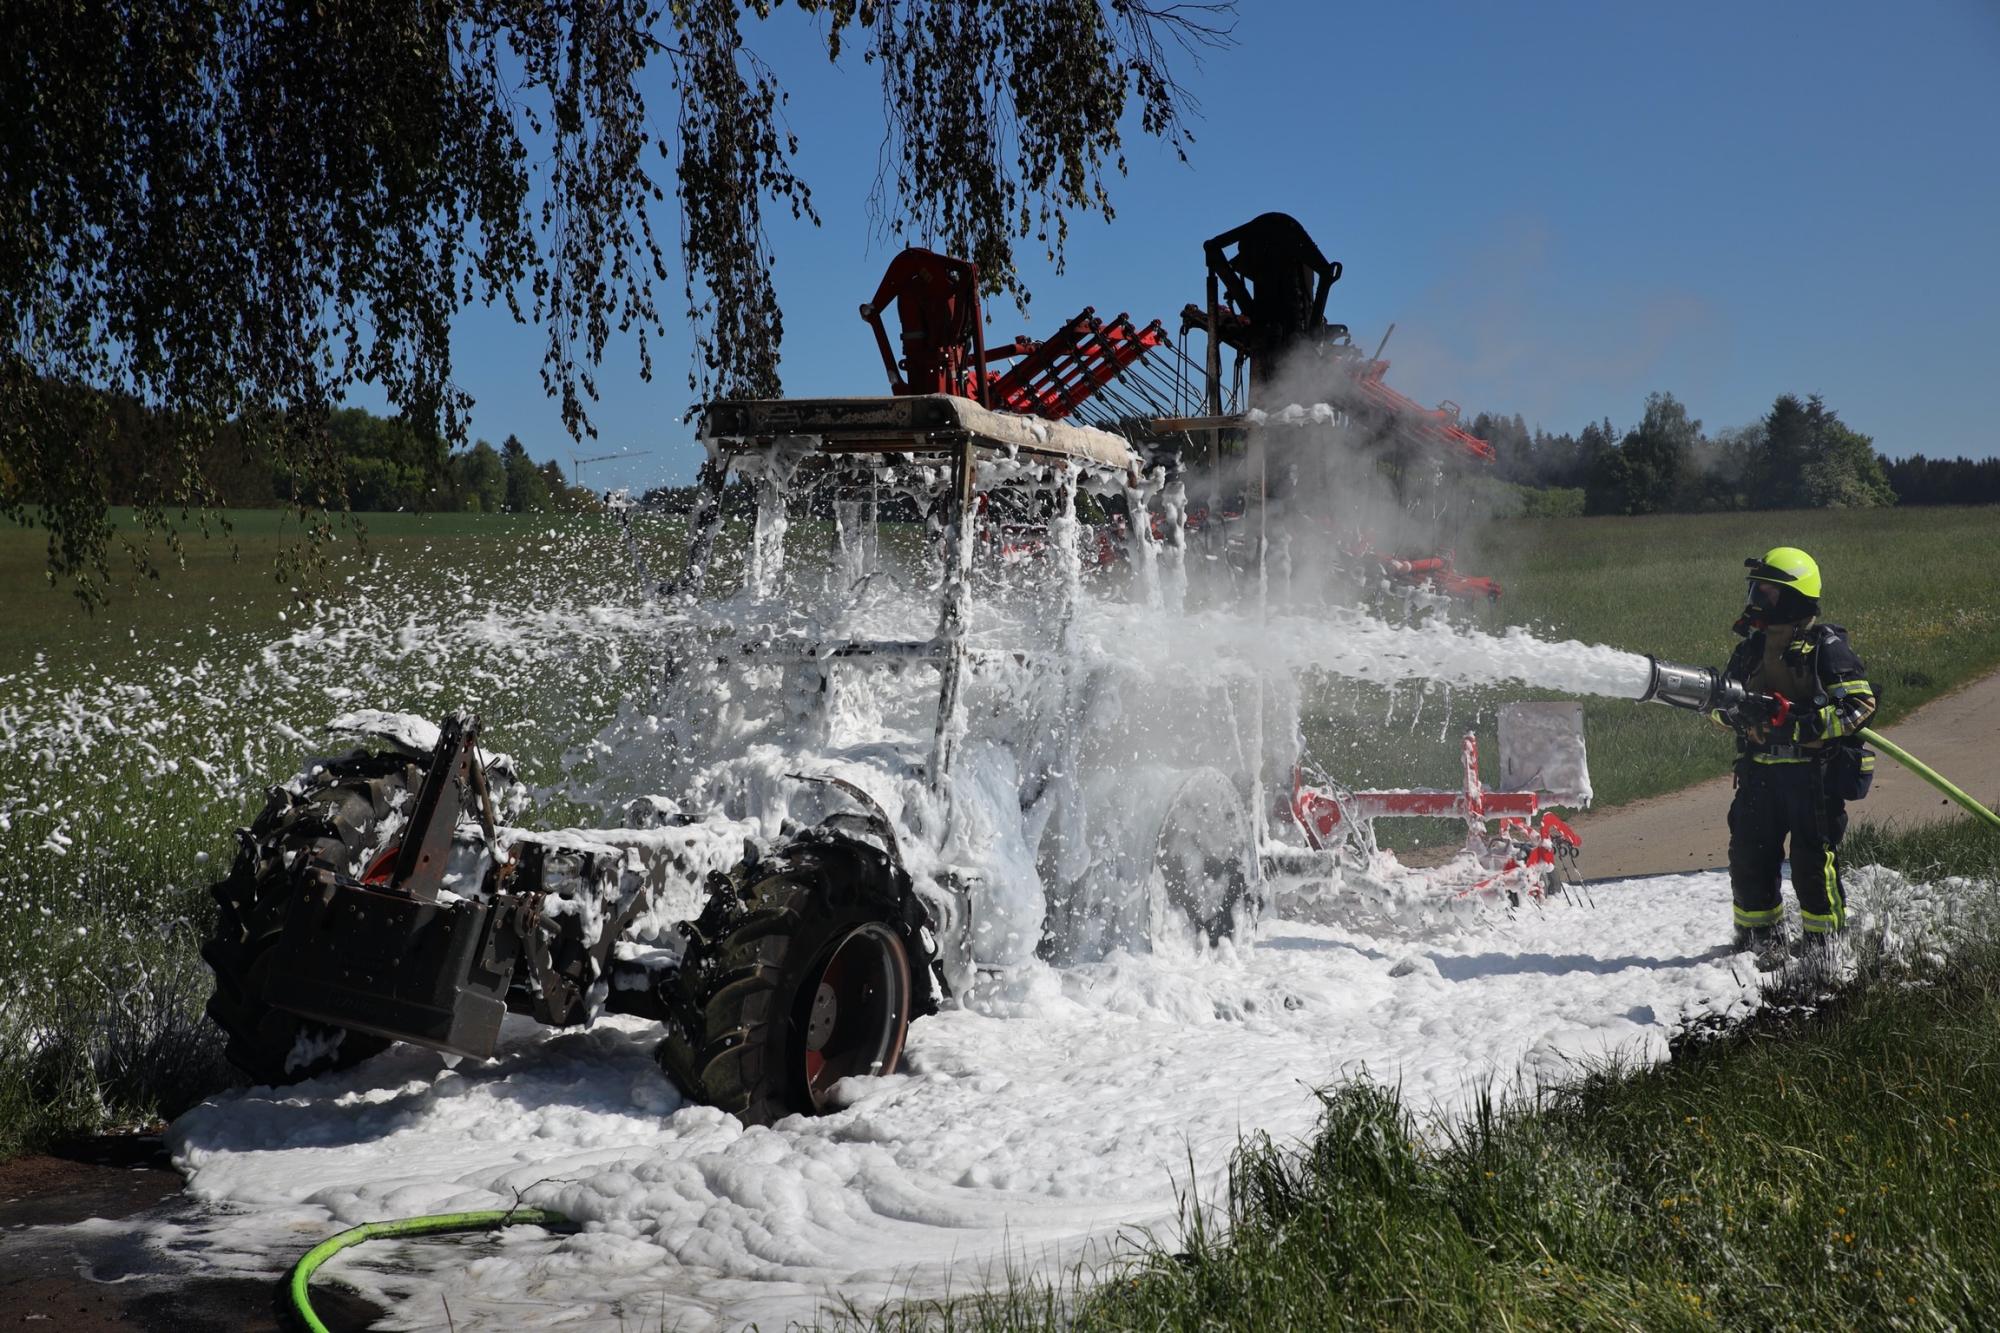 2020-05-07_guenzburg_Niederraunau_Brand_Traktor_Feuerwehr_Bringezu__9081F303-1885-4FA7-8107-6599A009F18A